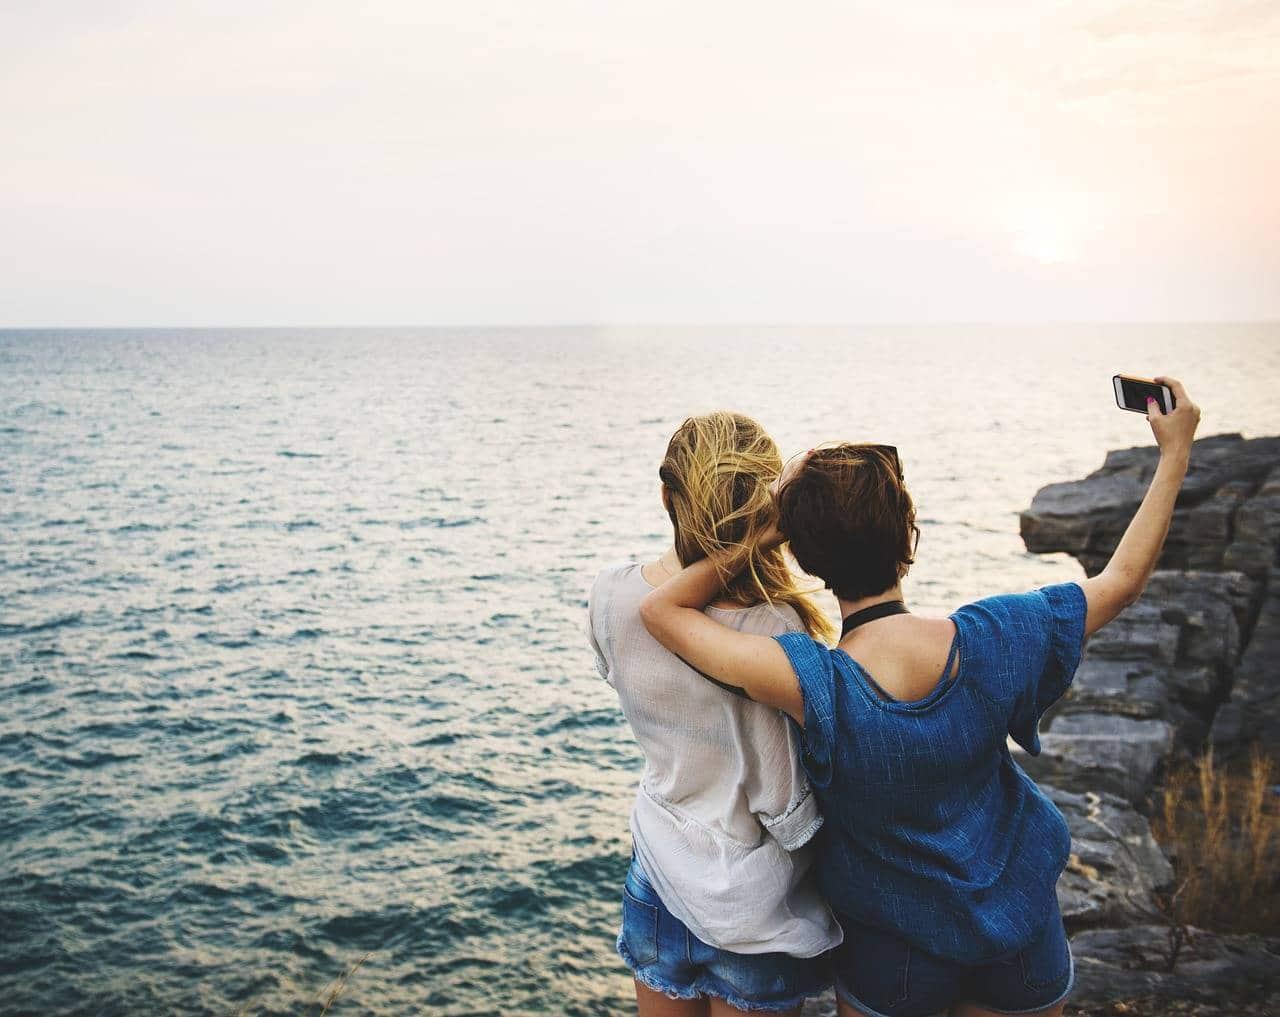 Faire des rencontres amicales pour partir en voyage ensemble